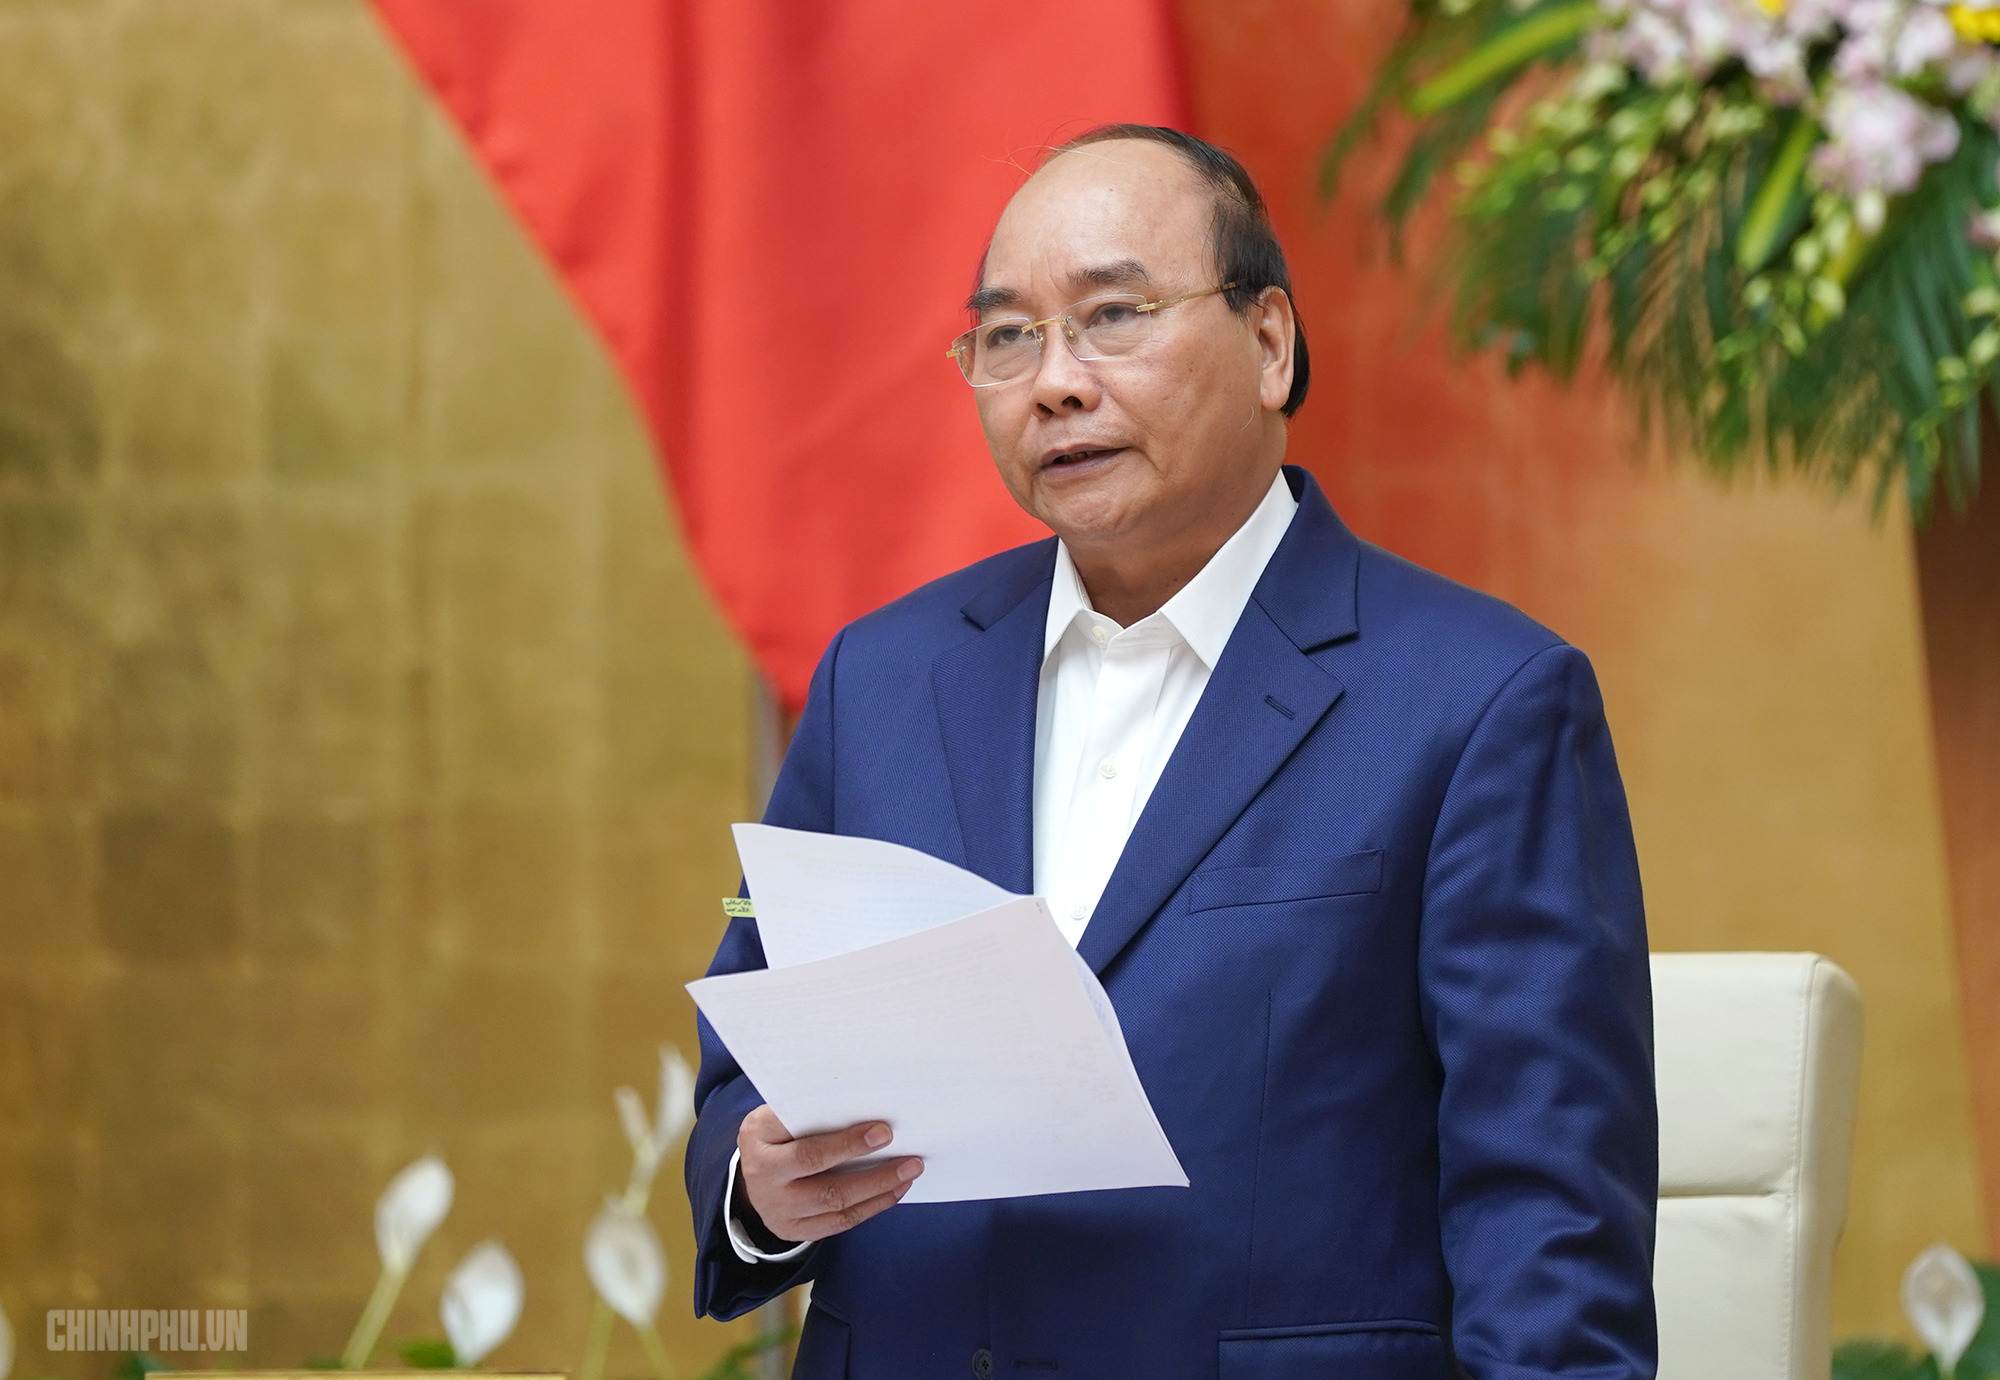 Triển khai chỉ đạo của Thủ tướng Chính phủ về thực hiện thắng lợi các mục tiêu, nhiệm vụ, kế hoạch năm 2019.